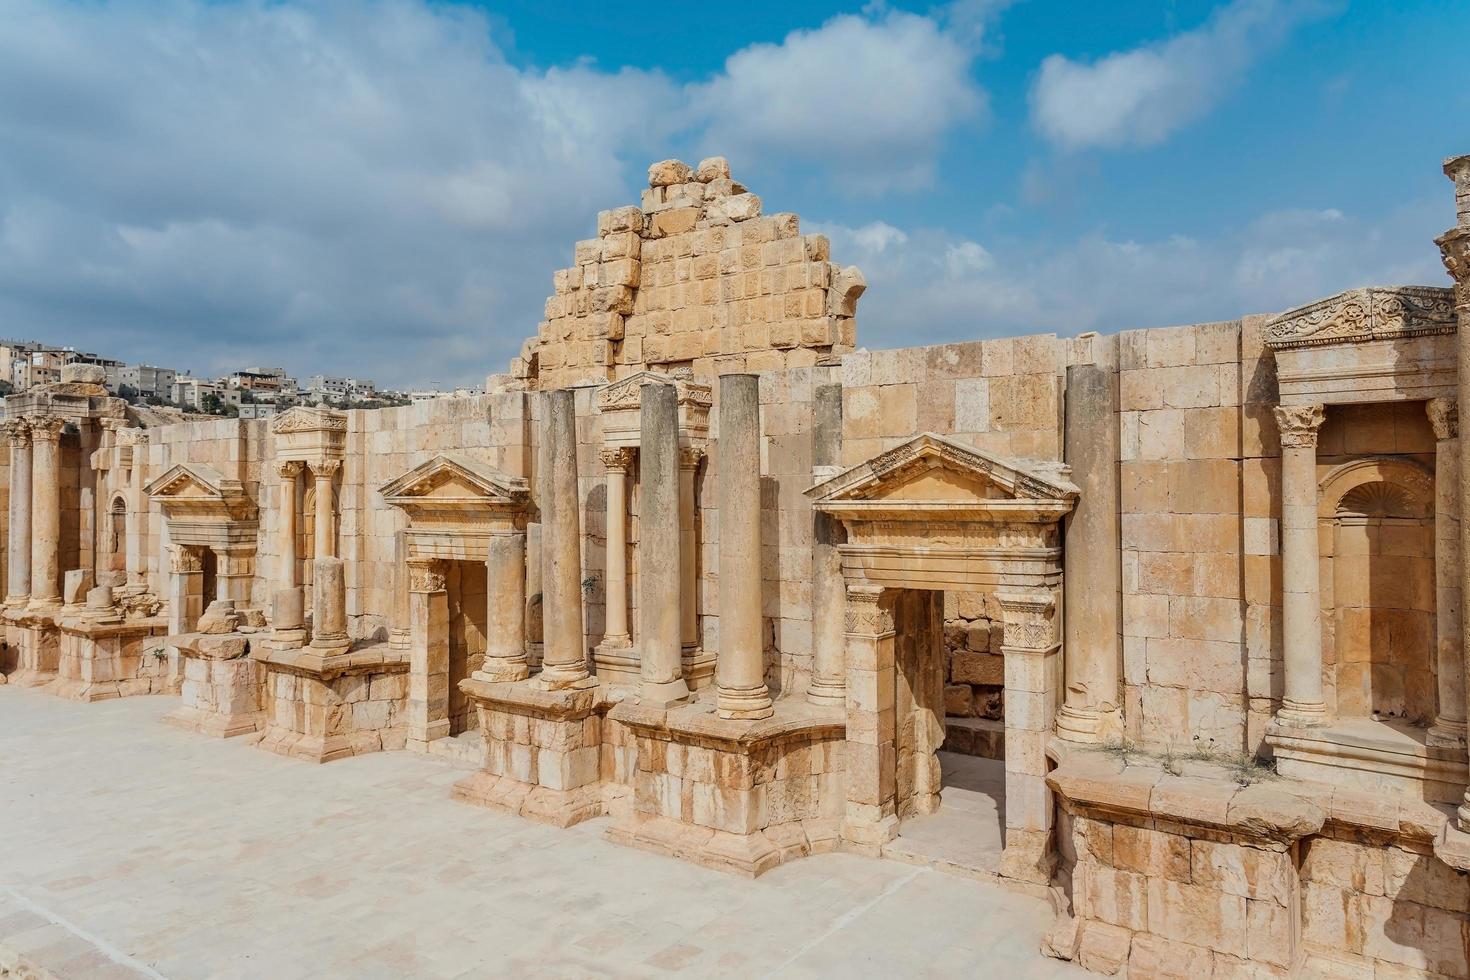 teatro sud nell'antica città romana di gerasa, giordania foto